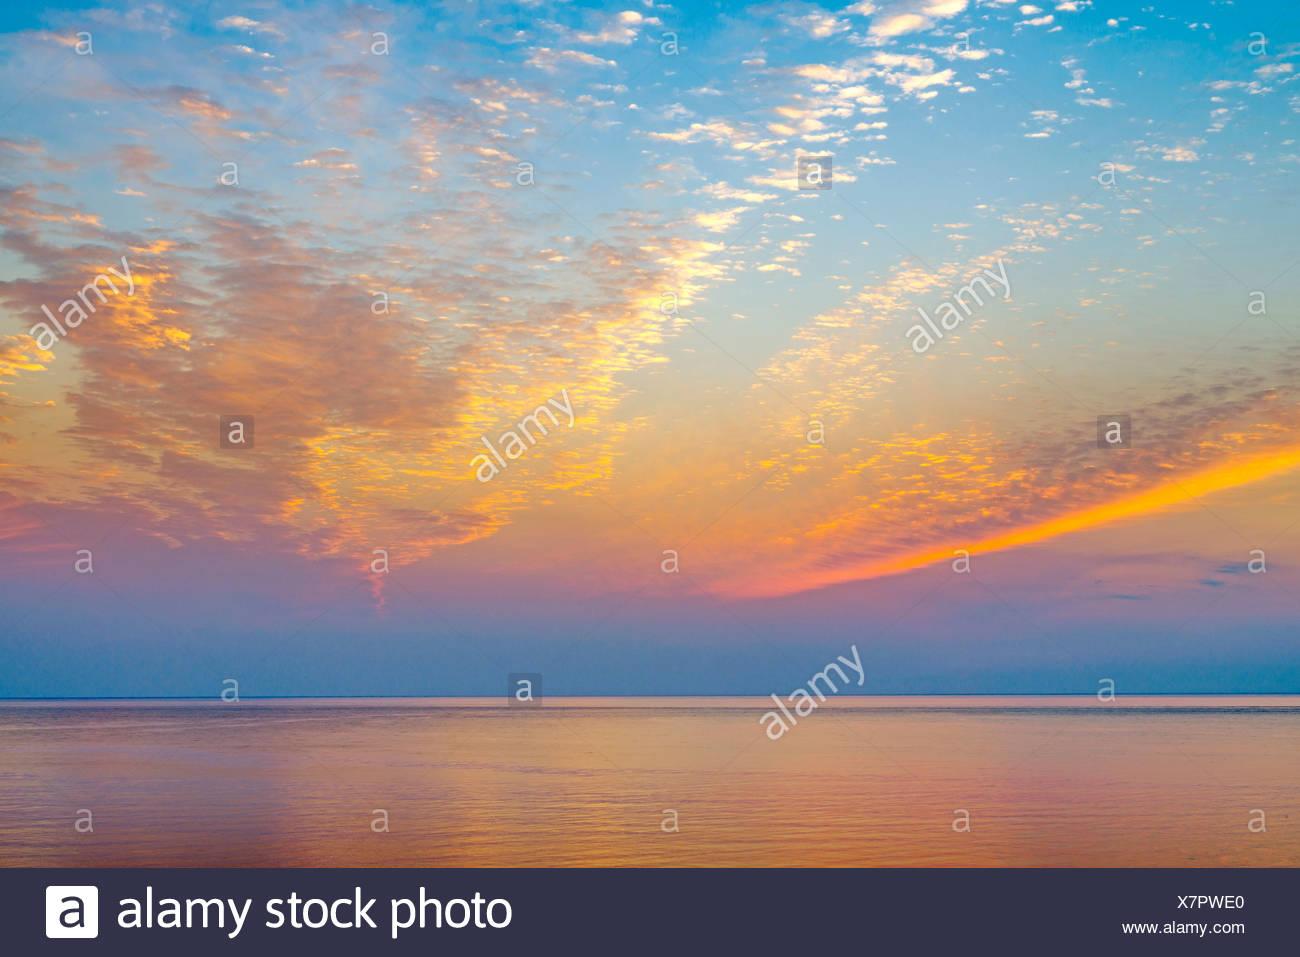 Lever du soleil sur l'océan. Photo Stock